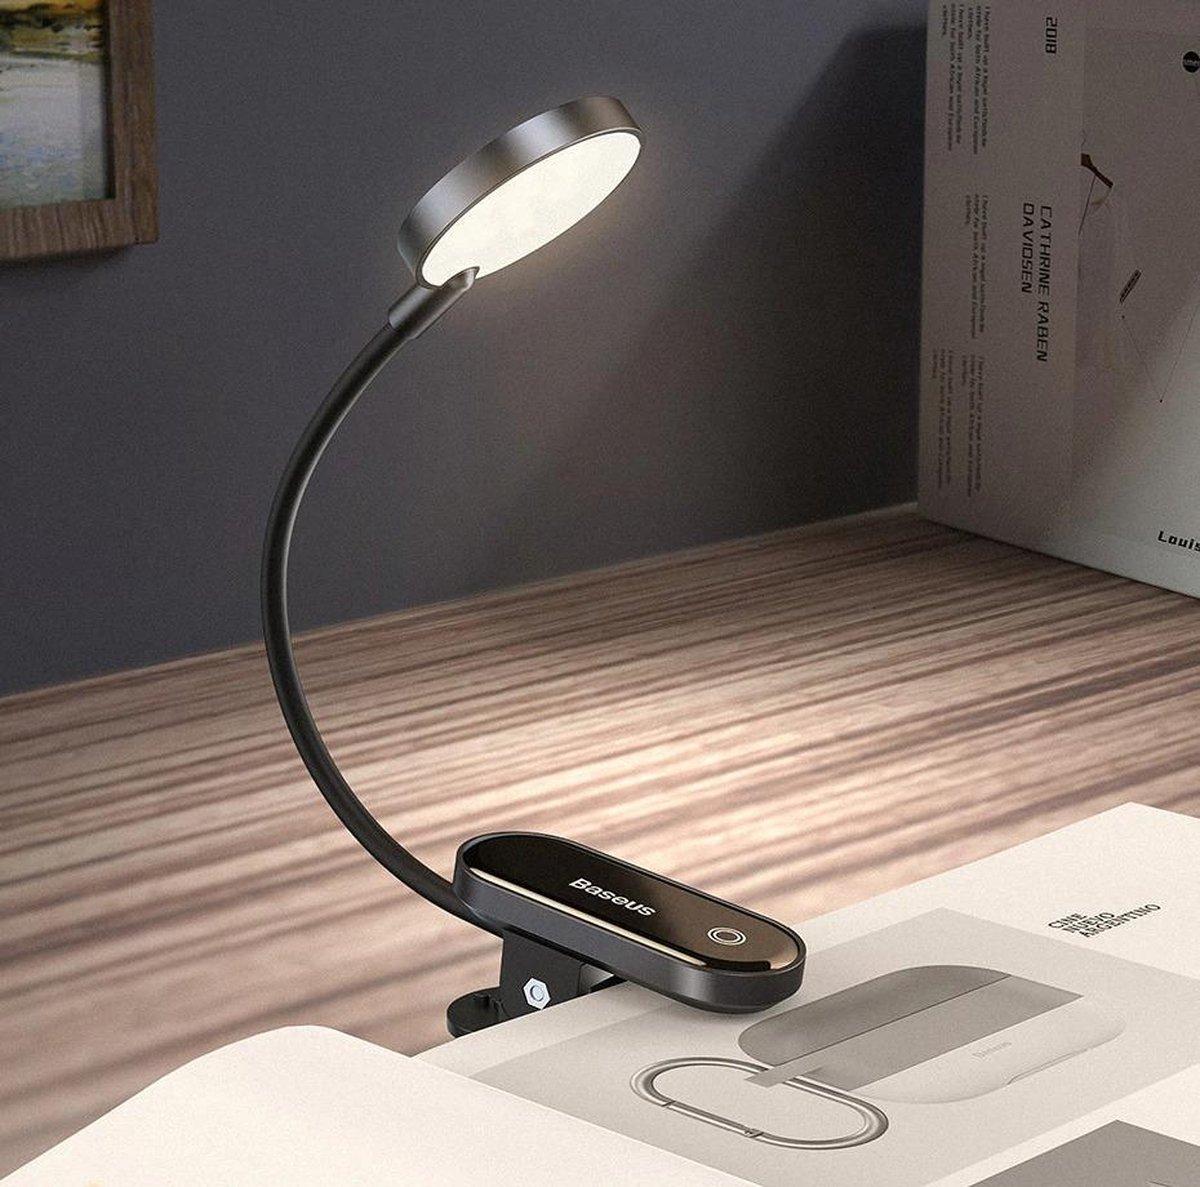 WiseGoods LED Leeslamp met Klem - 400K Warm Wit Licht - USB Oplaadbaar - Boekenlamp - 24-uur Batterij - 3 Lichtsterktes